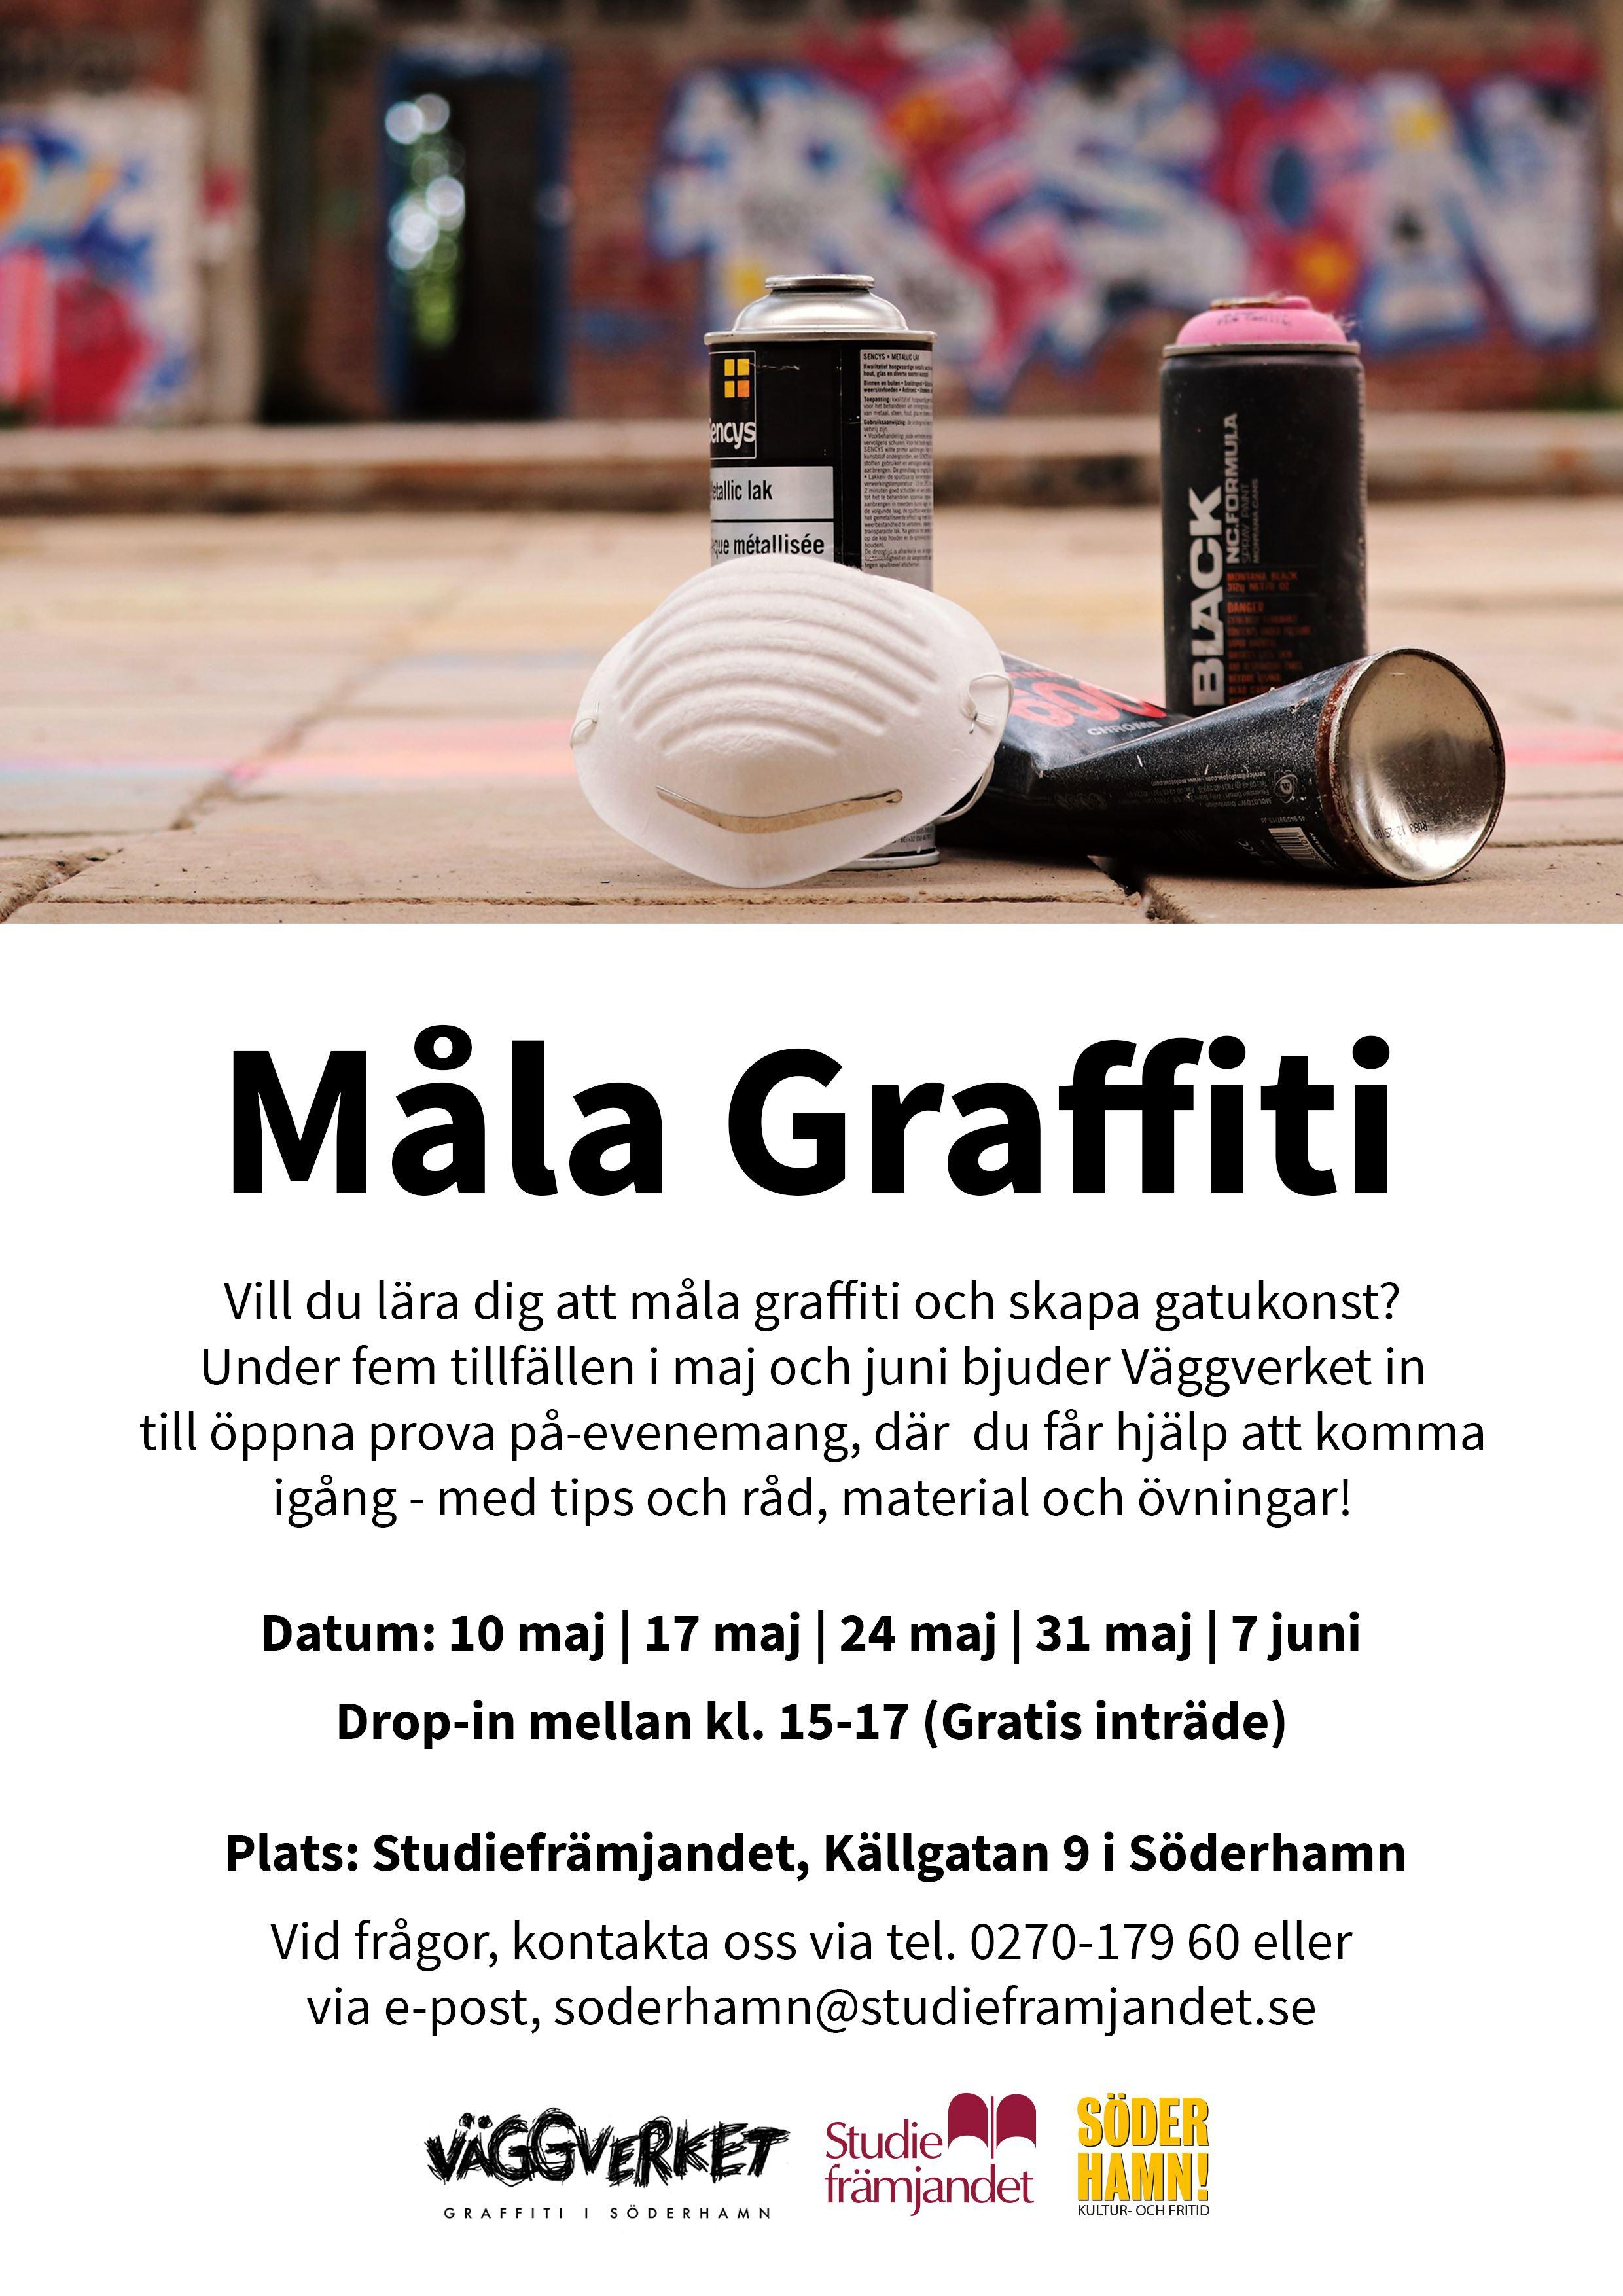 Måla graffiti